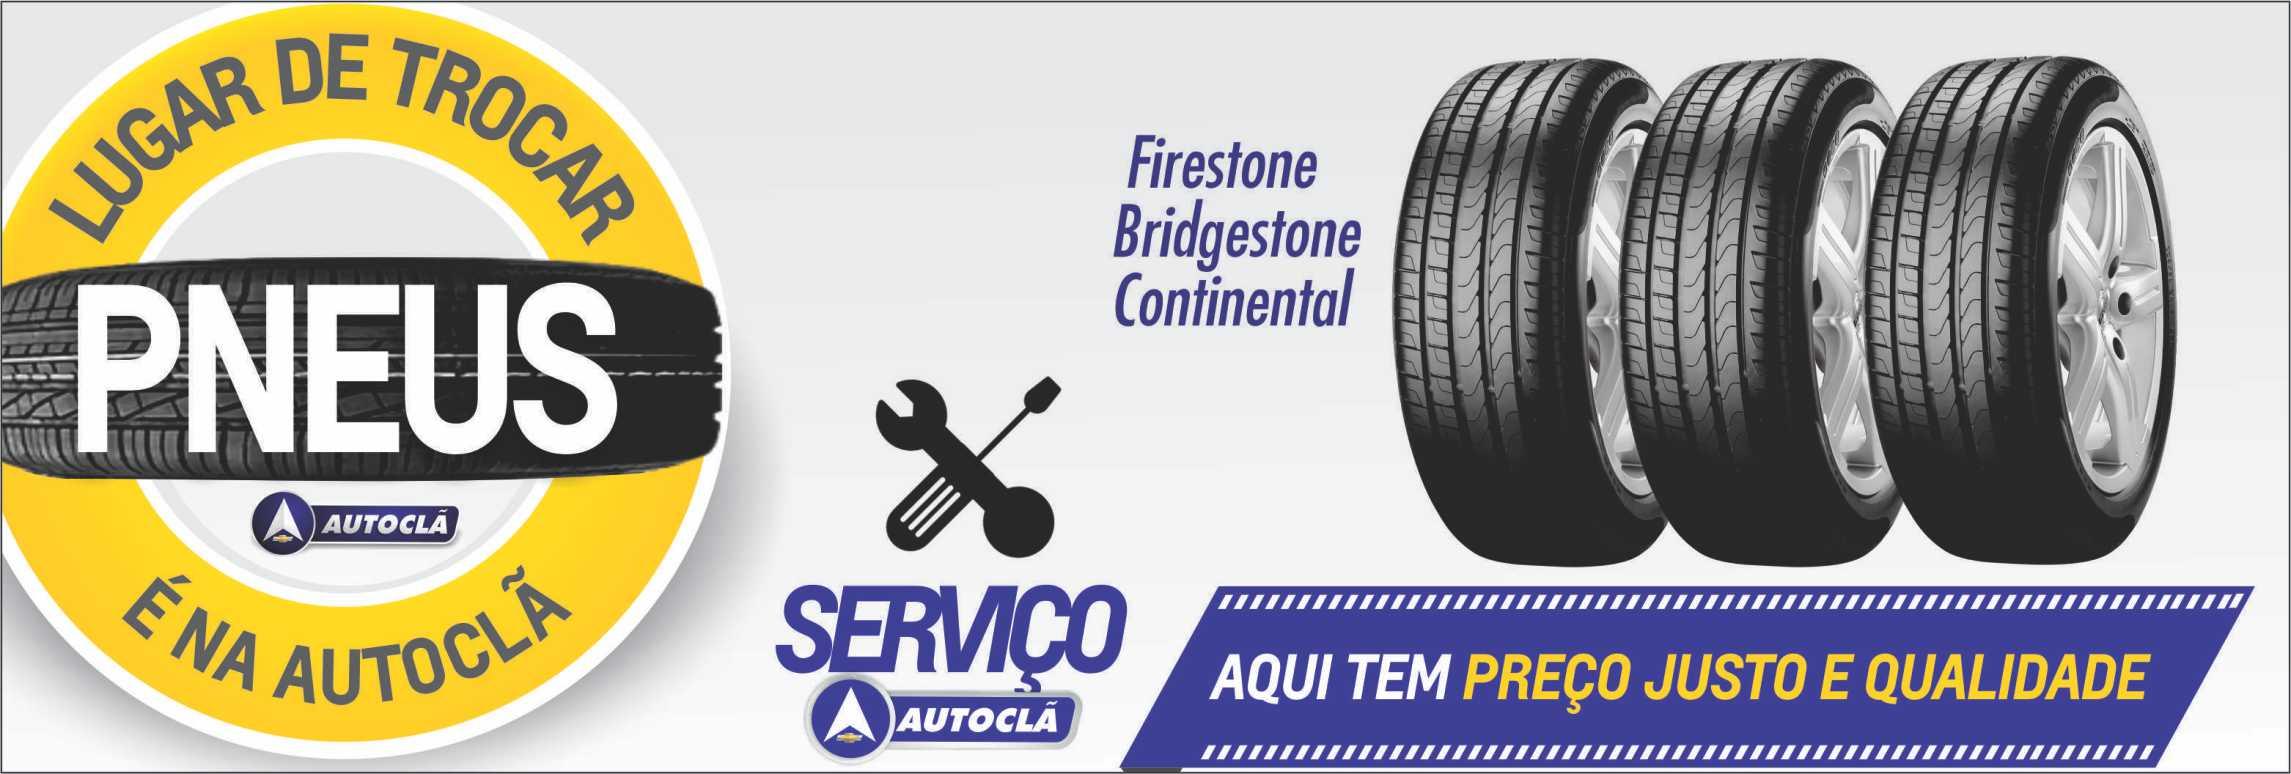 site servicos2